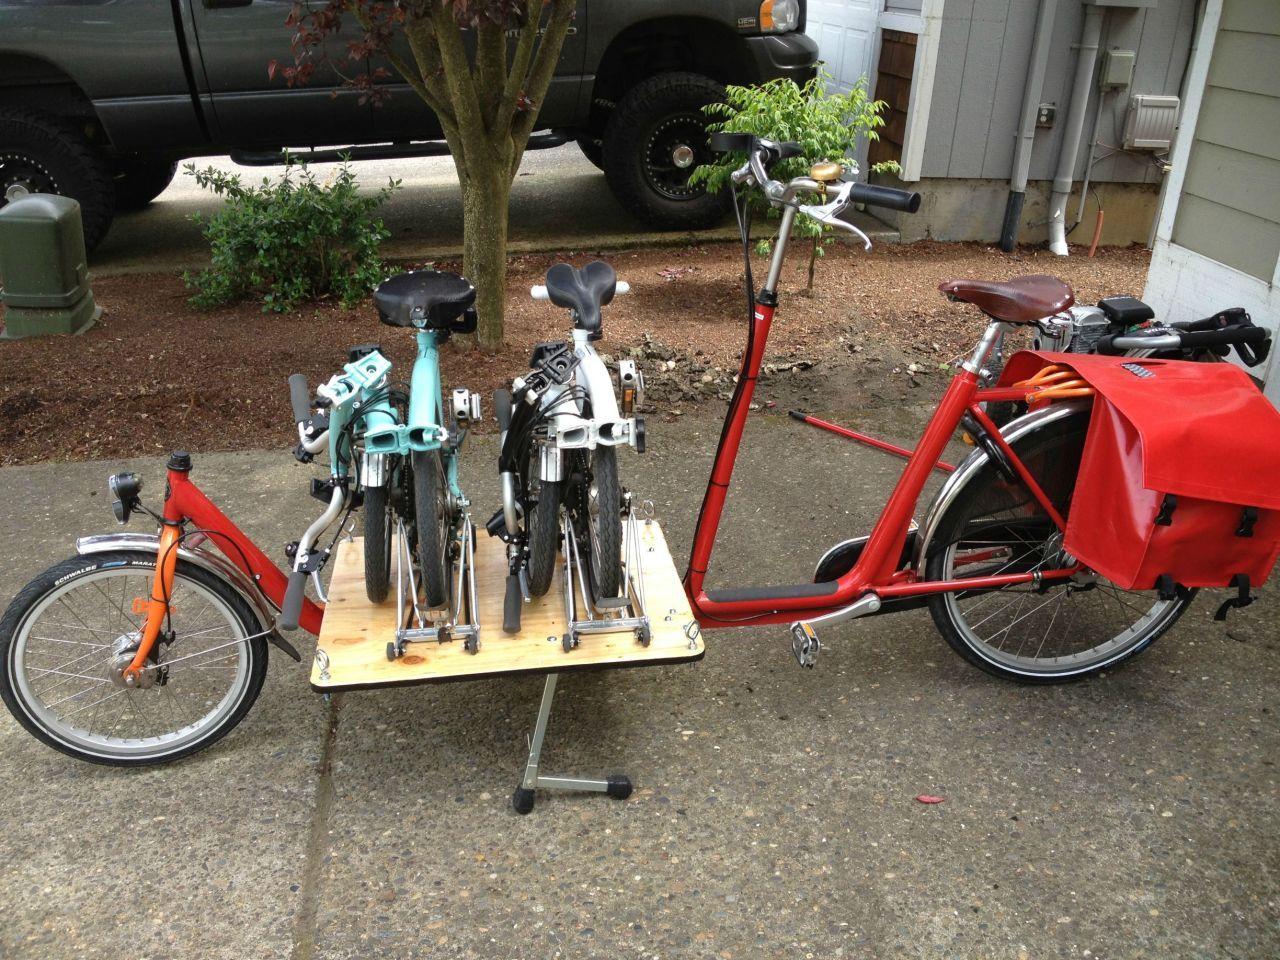 Workingbikes A Bike Carrying Bikes By Bike Mechanic Man On